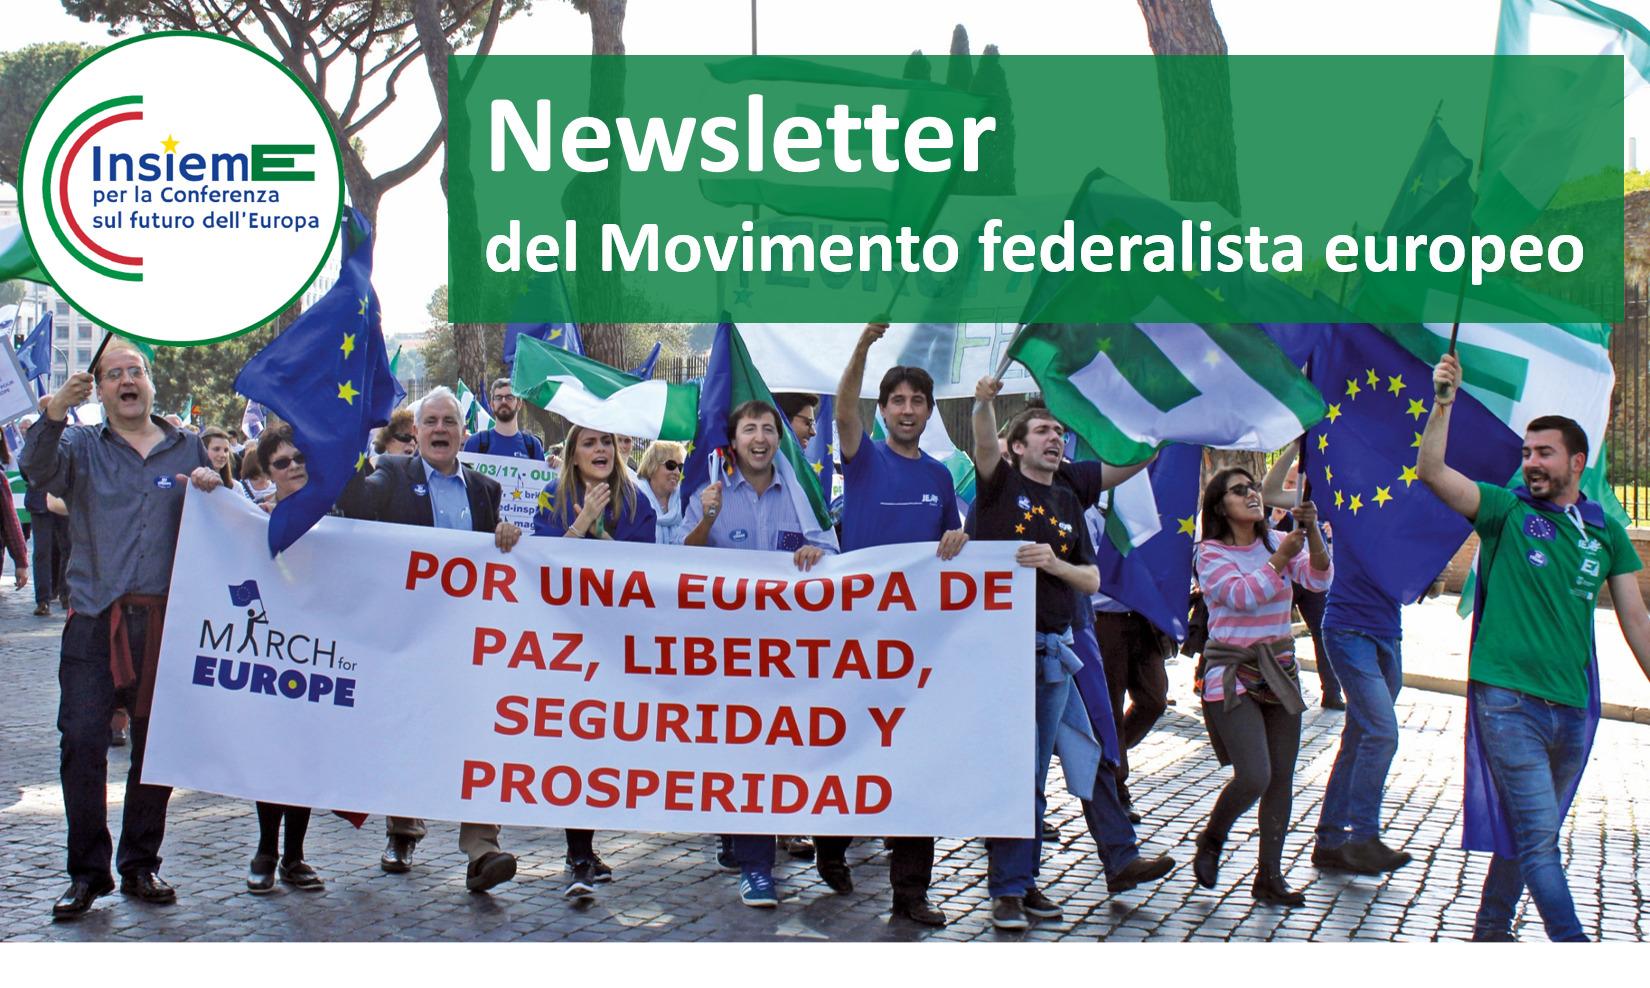 Newsletter del Movimento Federalista Europeo